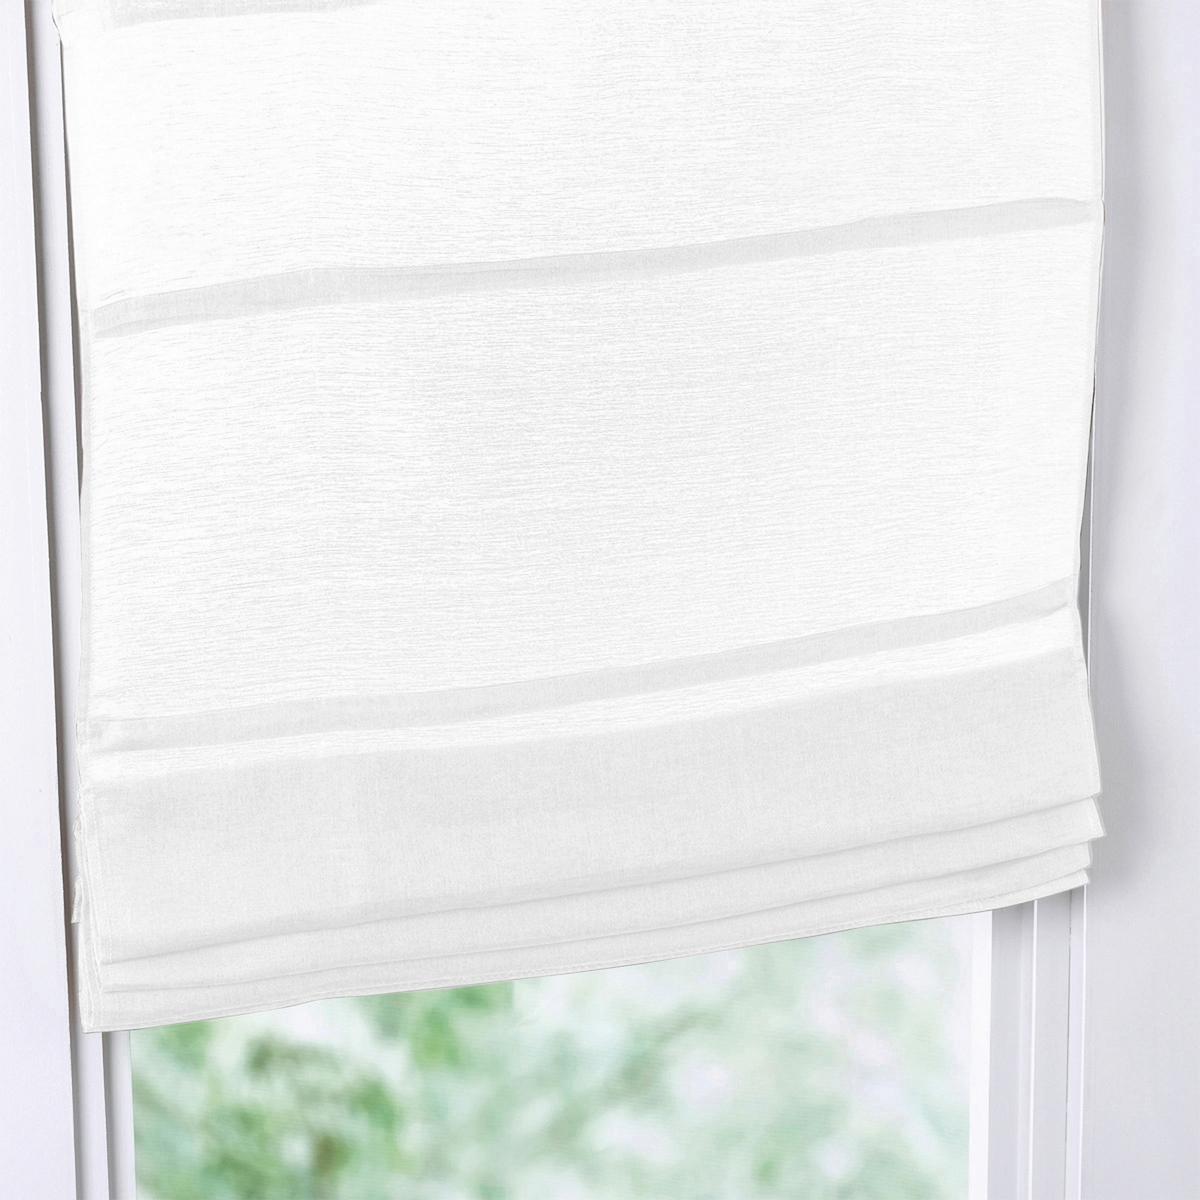 Штора римская из кисеи (лен/хлопок)Римская штора из смесовой ткани кисеи, качество Qualit? Best, великолепный натуральный материал с красивыми складками. Полупрозрачная вентилируемая ткань, сквозь которую будет красиво просачиваться свет из окна.Характеристики римской шторы :- Смесовая ткань кисея, великолепный натуральный материал с красивыми складками.   - 60% льна, 40% хлопка, отмеченного знаком  - : rgb(0, 0, 0) font-family: Arial font-size: 13px font-variant-ligatures: normal font-variant-caps: normal font-weight: normal letter-spacing: normal orphans: 2 text-align: start text-indent: 0px text-transform: none white-space: normal widows: 2 word-spacing: 0px -webkit-text-stroke-width: 0px background-color: rgb(255, 255, 255) text-decoration-style: initial text-decoration-color: initial&gt;®. - Tissage a?r?, translucide, pour une jolie lumi?re tamis?e.- Прямой низ.. - Съемные рейки. - Веревочный механизм.- Легкий уход : машинная стирка при 40°, материал почти не мнется, легко гладить.- Отличная стойкость цветов к воздействию света .- Продается с креплениями.                         Производство осуществляется с учетом стандартов по защите окружающей среды и здоровья человека, что подтверждено сертификатом Oeko-tex®.<br><br>Цвет: бежевый,белый,серый жемчужный